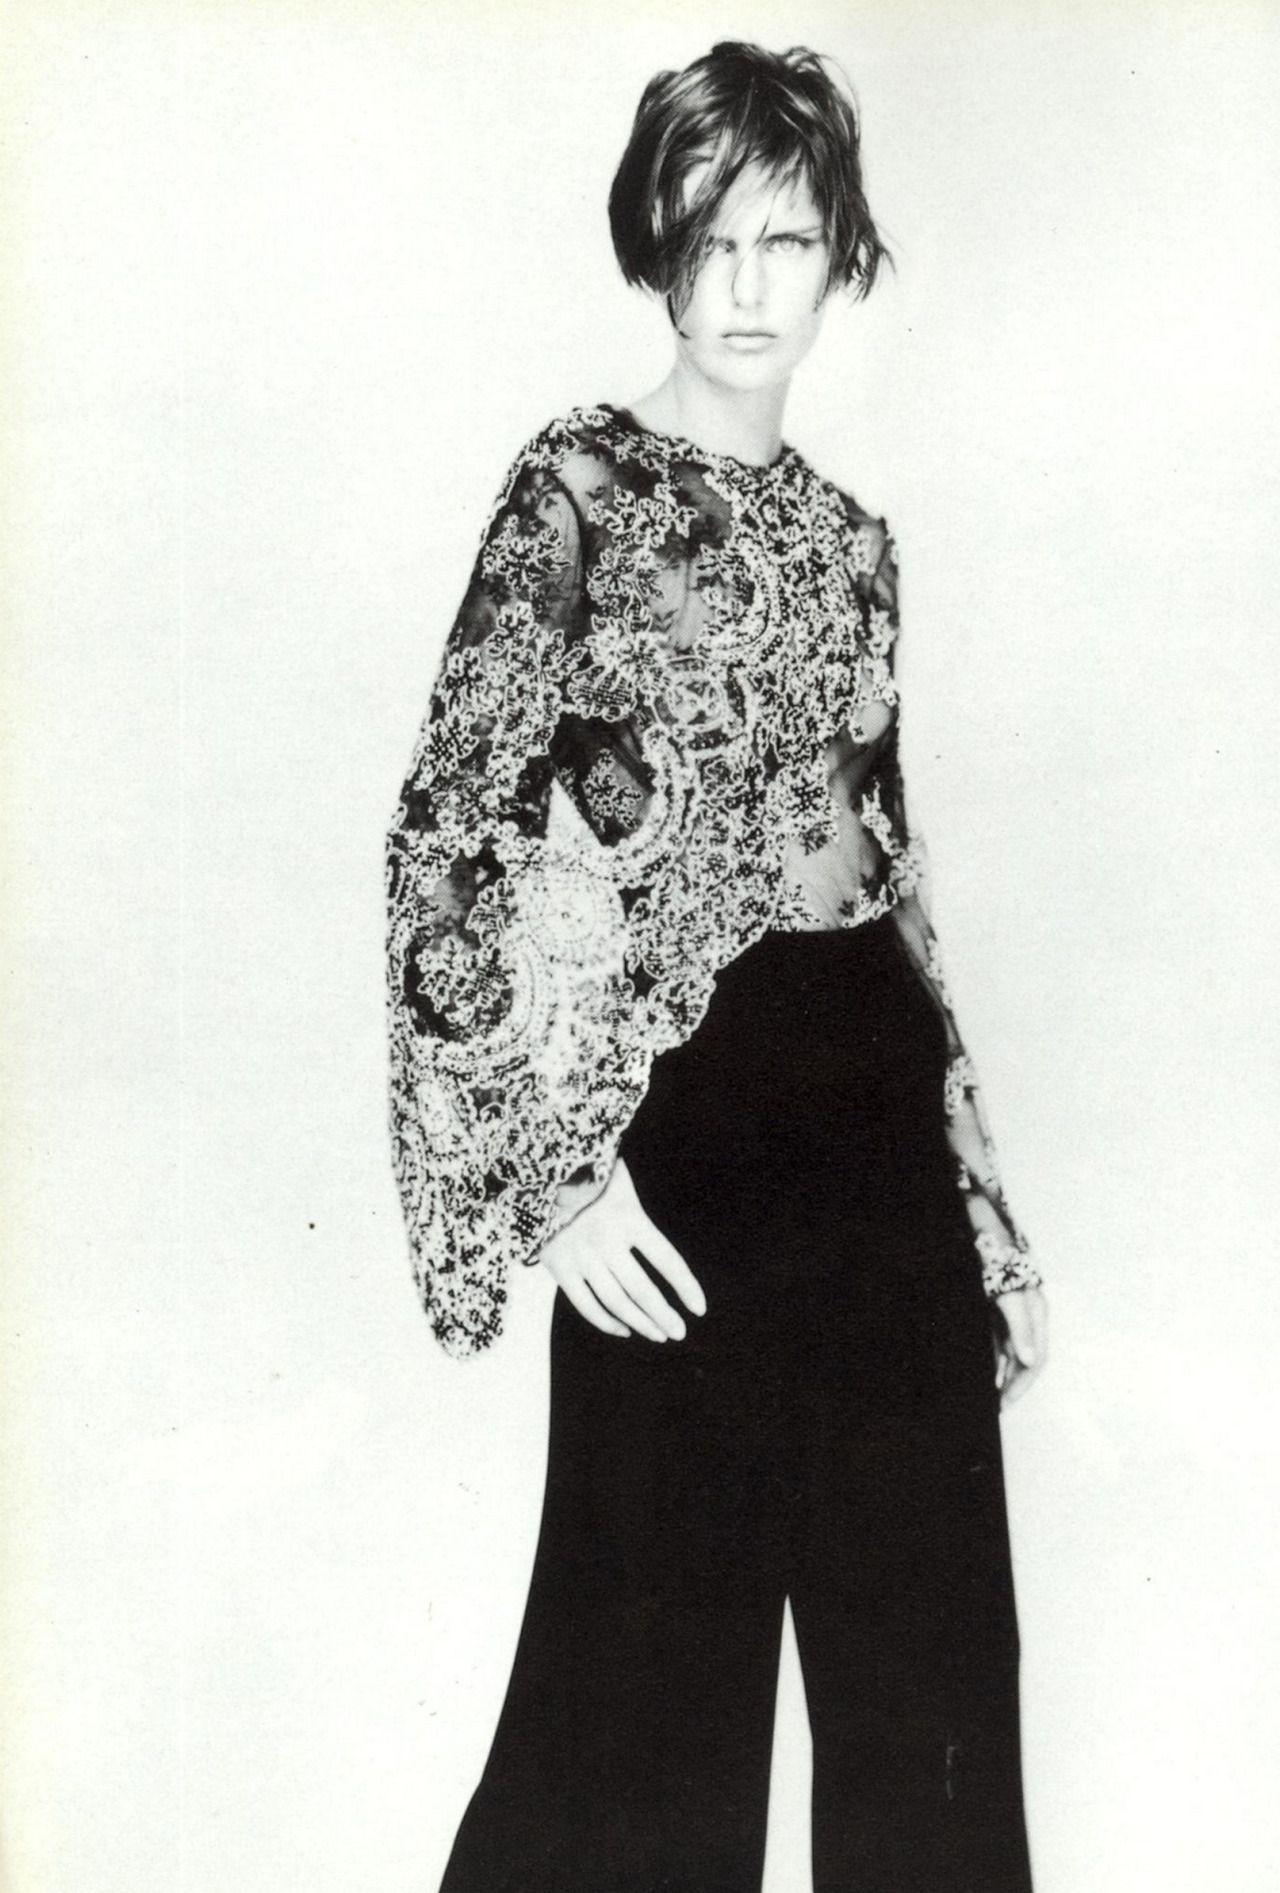 Stella Tennant for Giorgio Armani, photo by Paolo Roversi